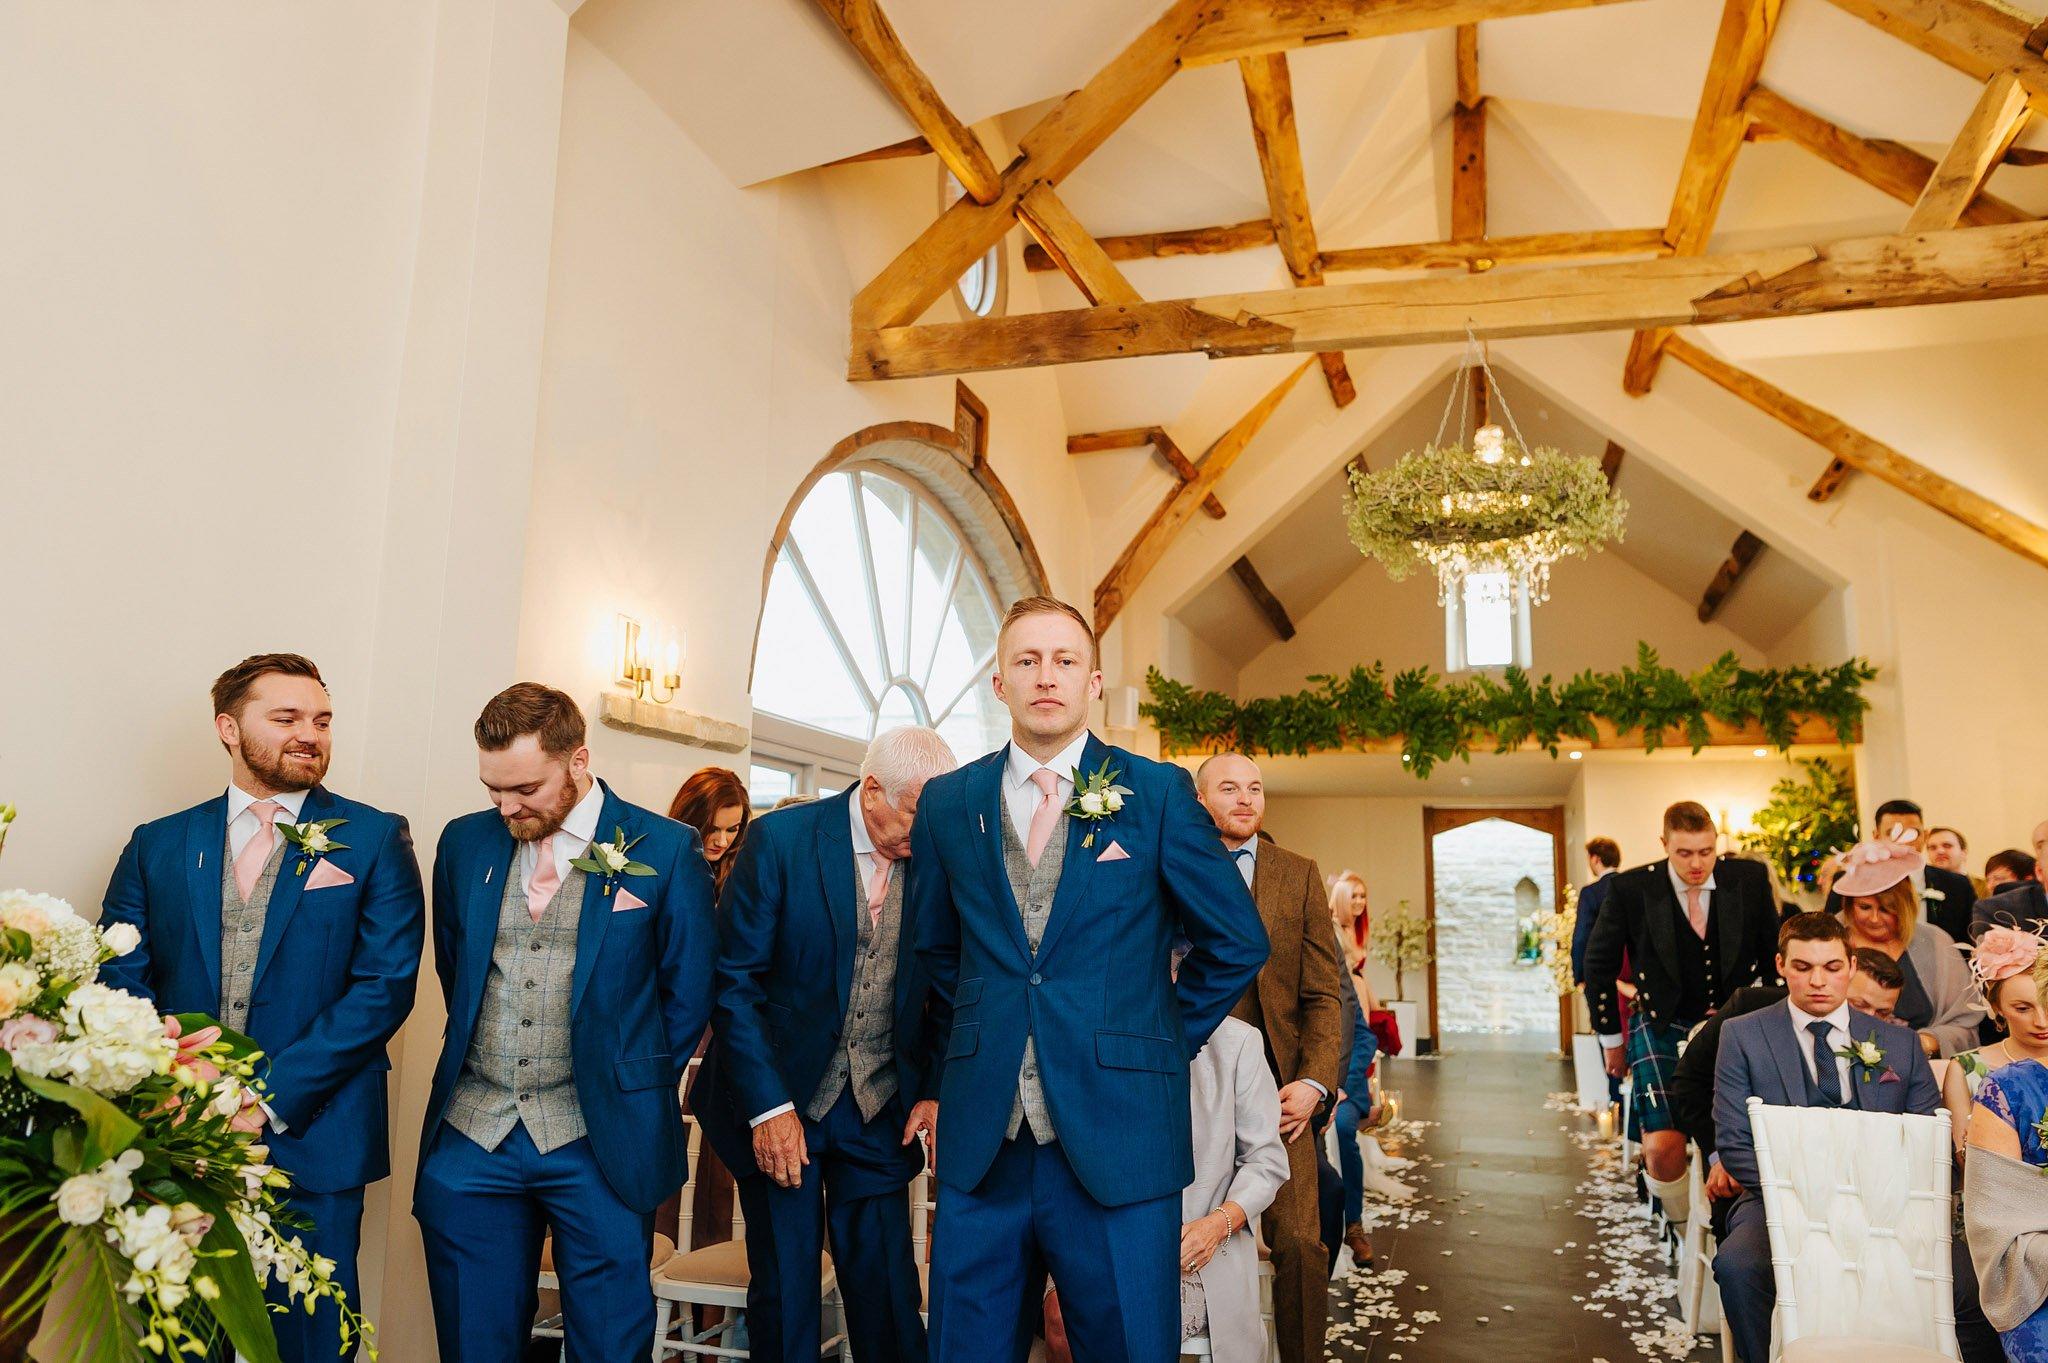 Lemore Manor wedding, Herefordshire - West Midlands | Sadie + Ken 29